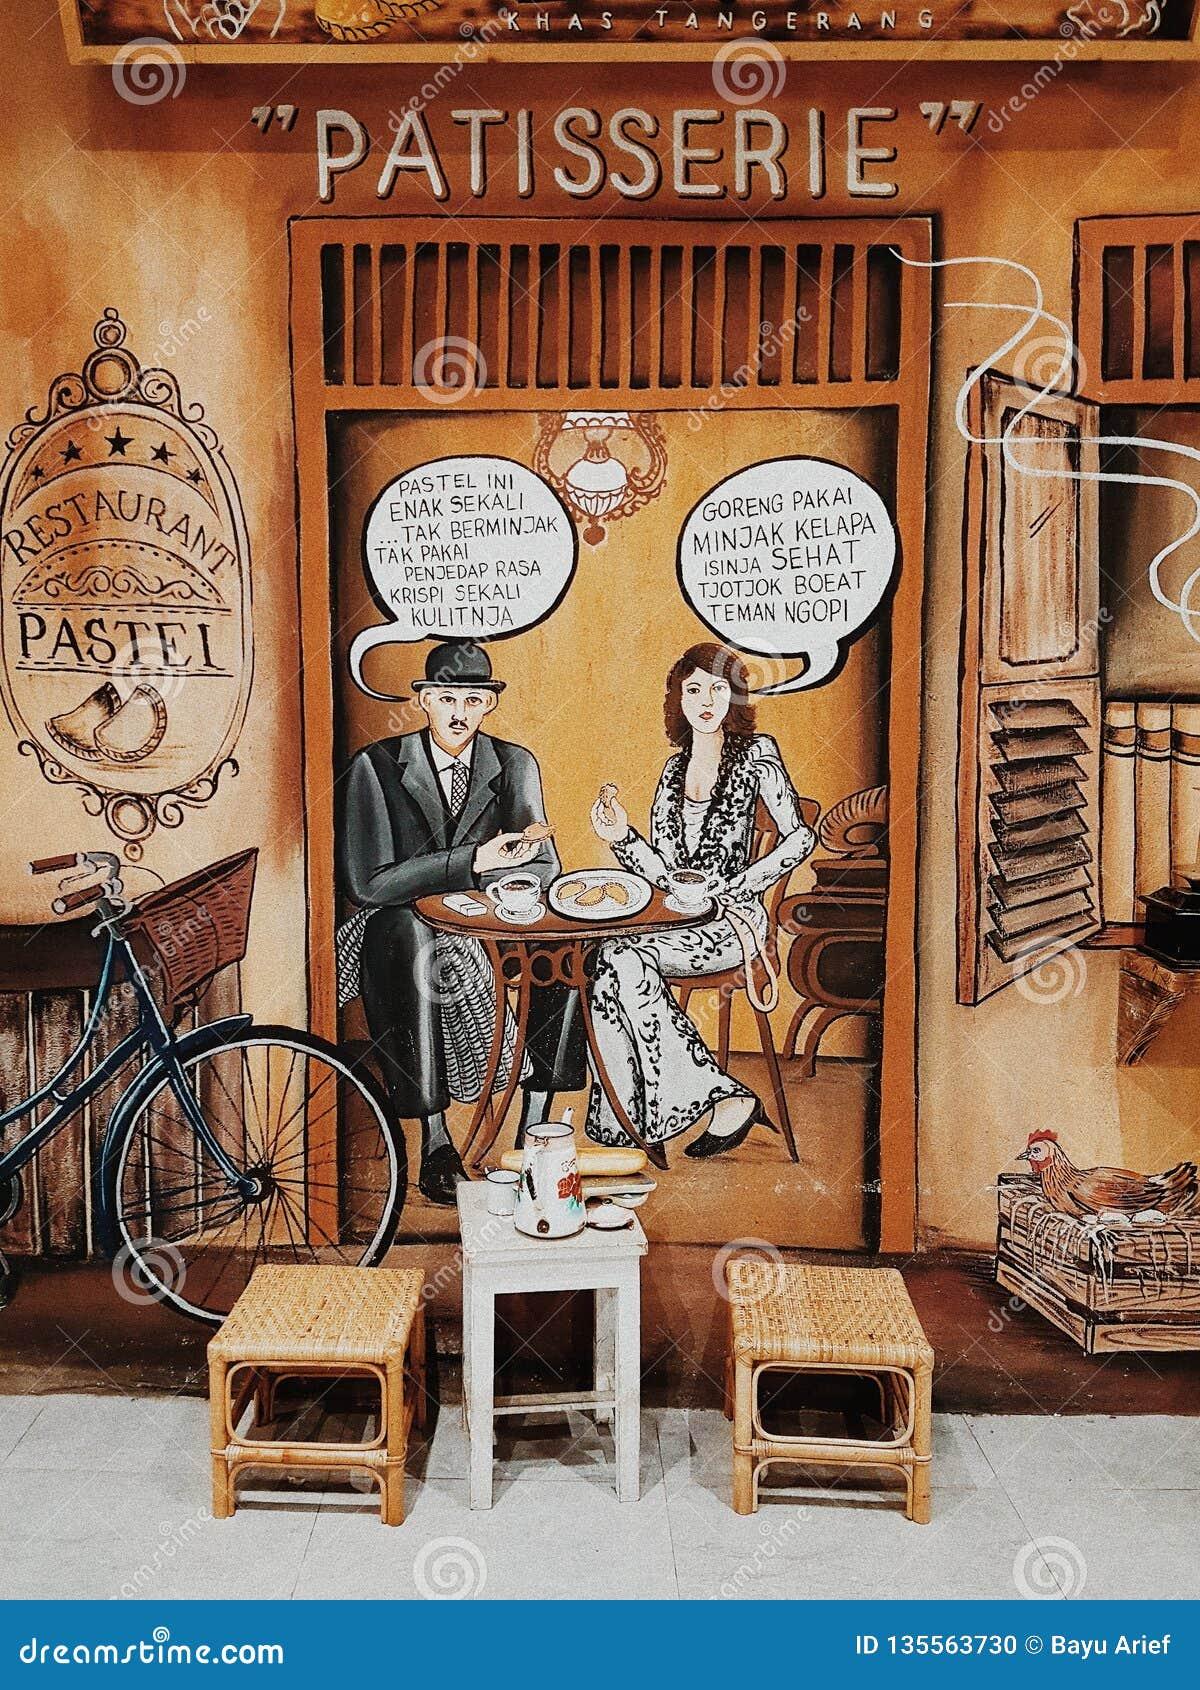 Un arte mural de pasteles antropófagos con una mujer